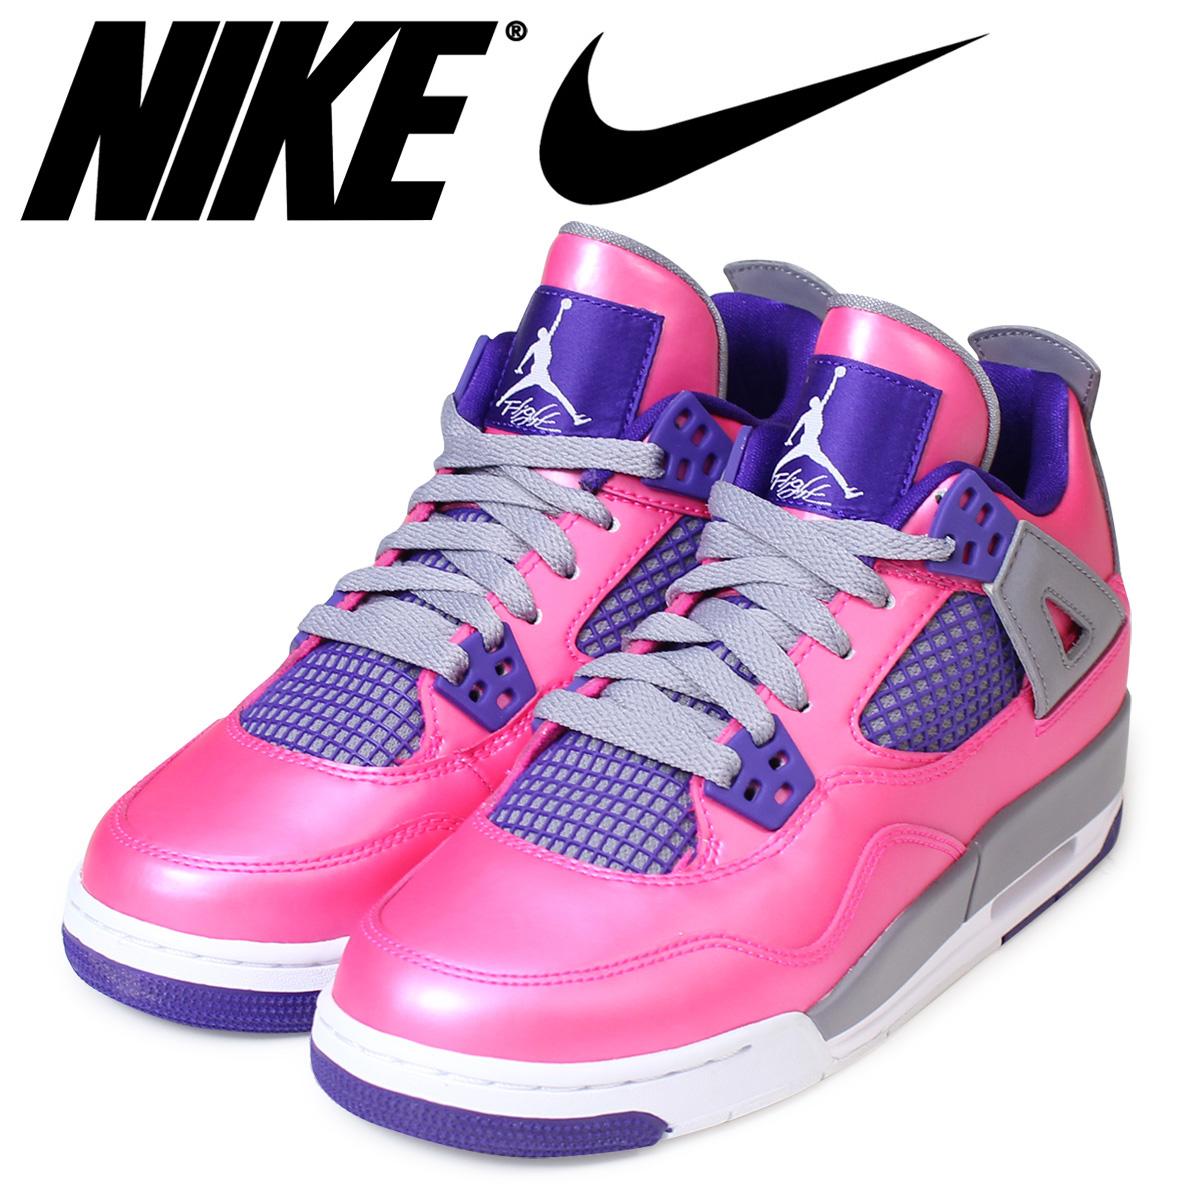 designer fashion cc680 b54bf NIKE Nike Air Jordan sneakers Lady's AIR JORDAN 4 RETRO GS Air Jordan 4  nostalgic 487,724-607 shoes pink